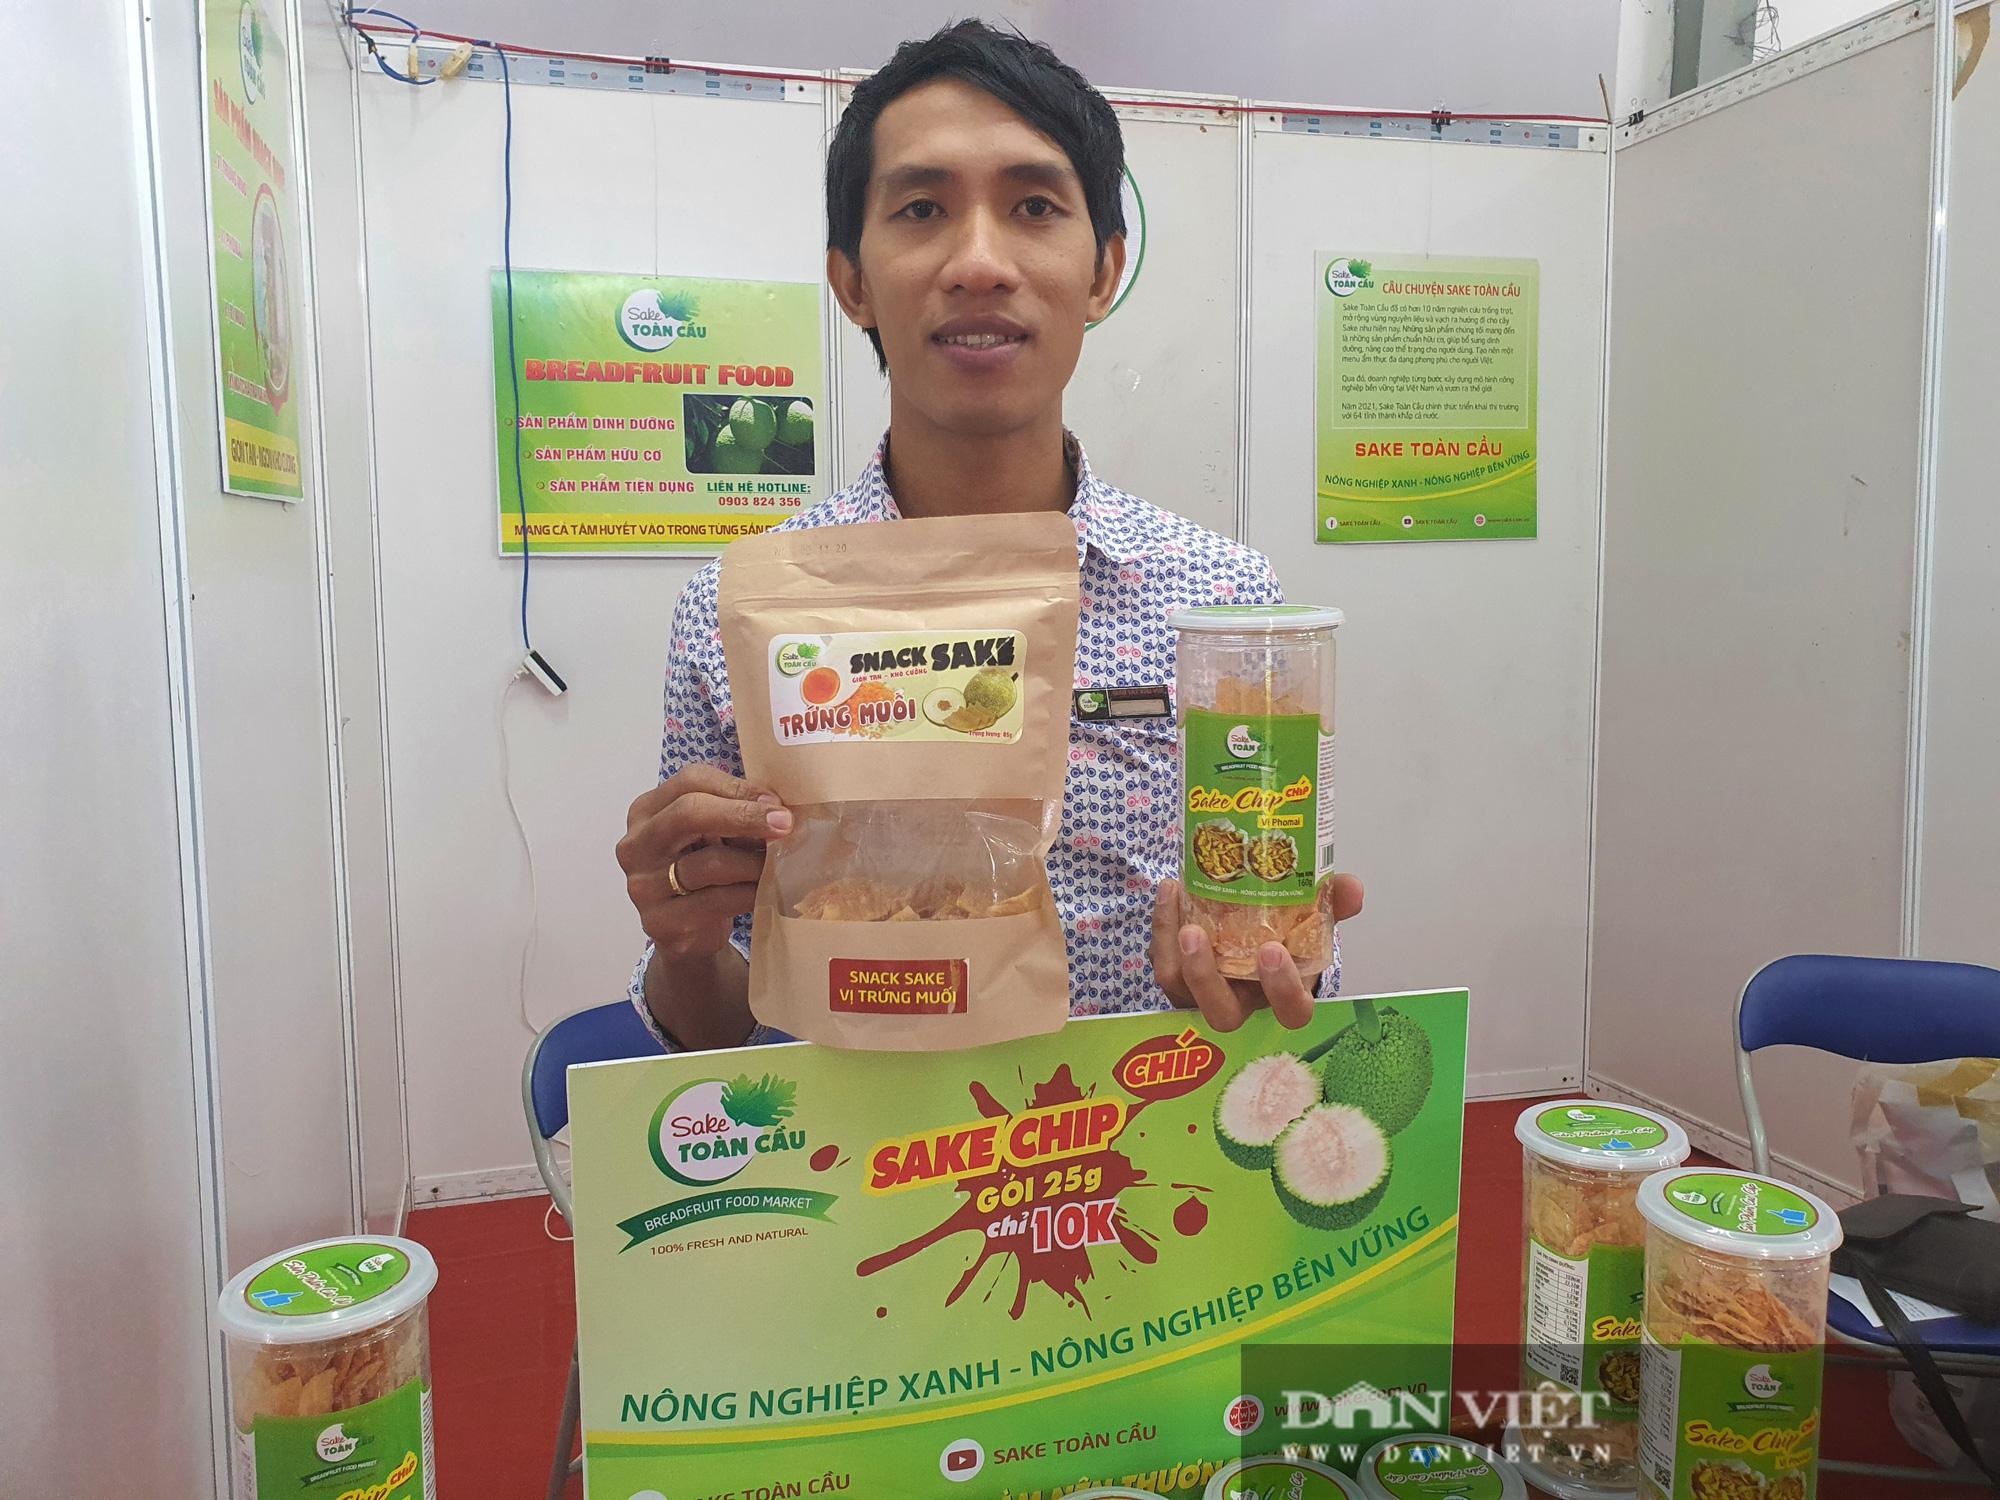 Cần Thơ: Hàng loạt sản phẩm mới lạ xuất hiện tại Hội chợ nông nghiệp quốc tế Việt Nam, không xem sẽ rất tiếc nuối - Ảnh 7.